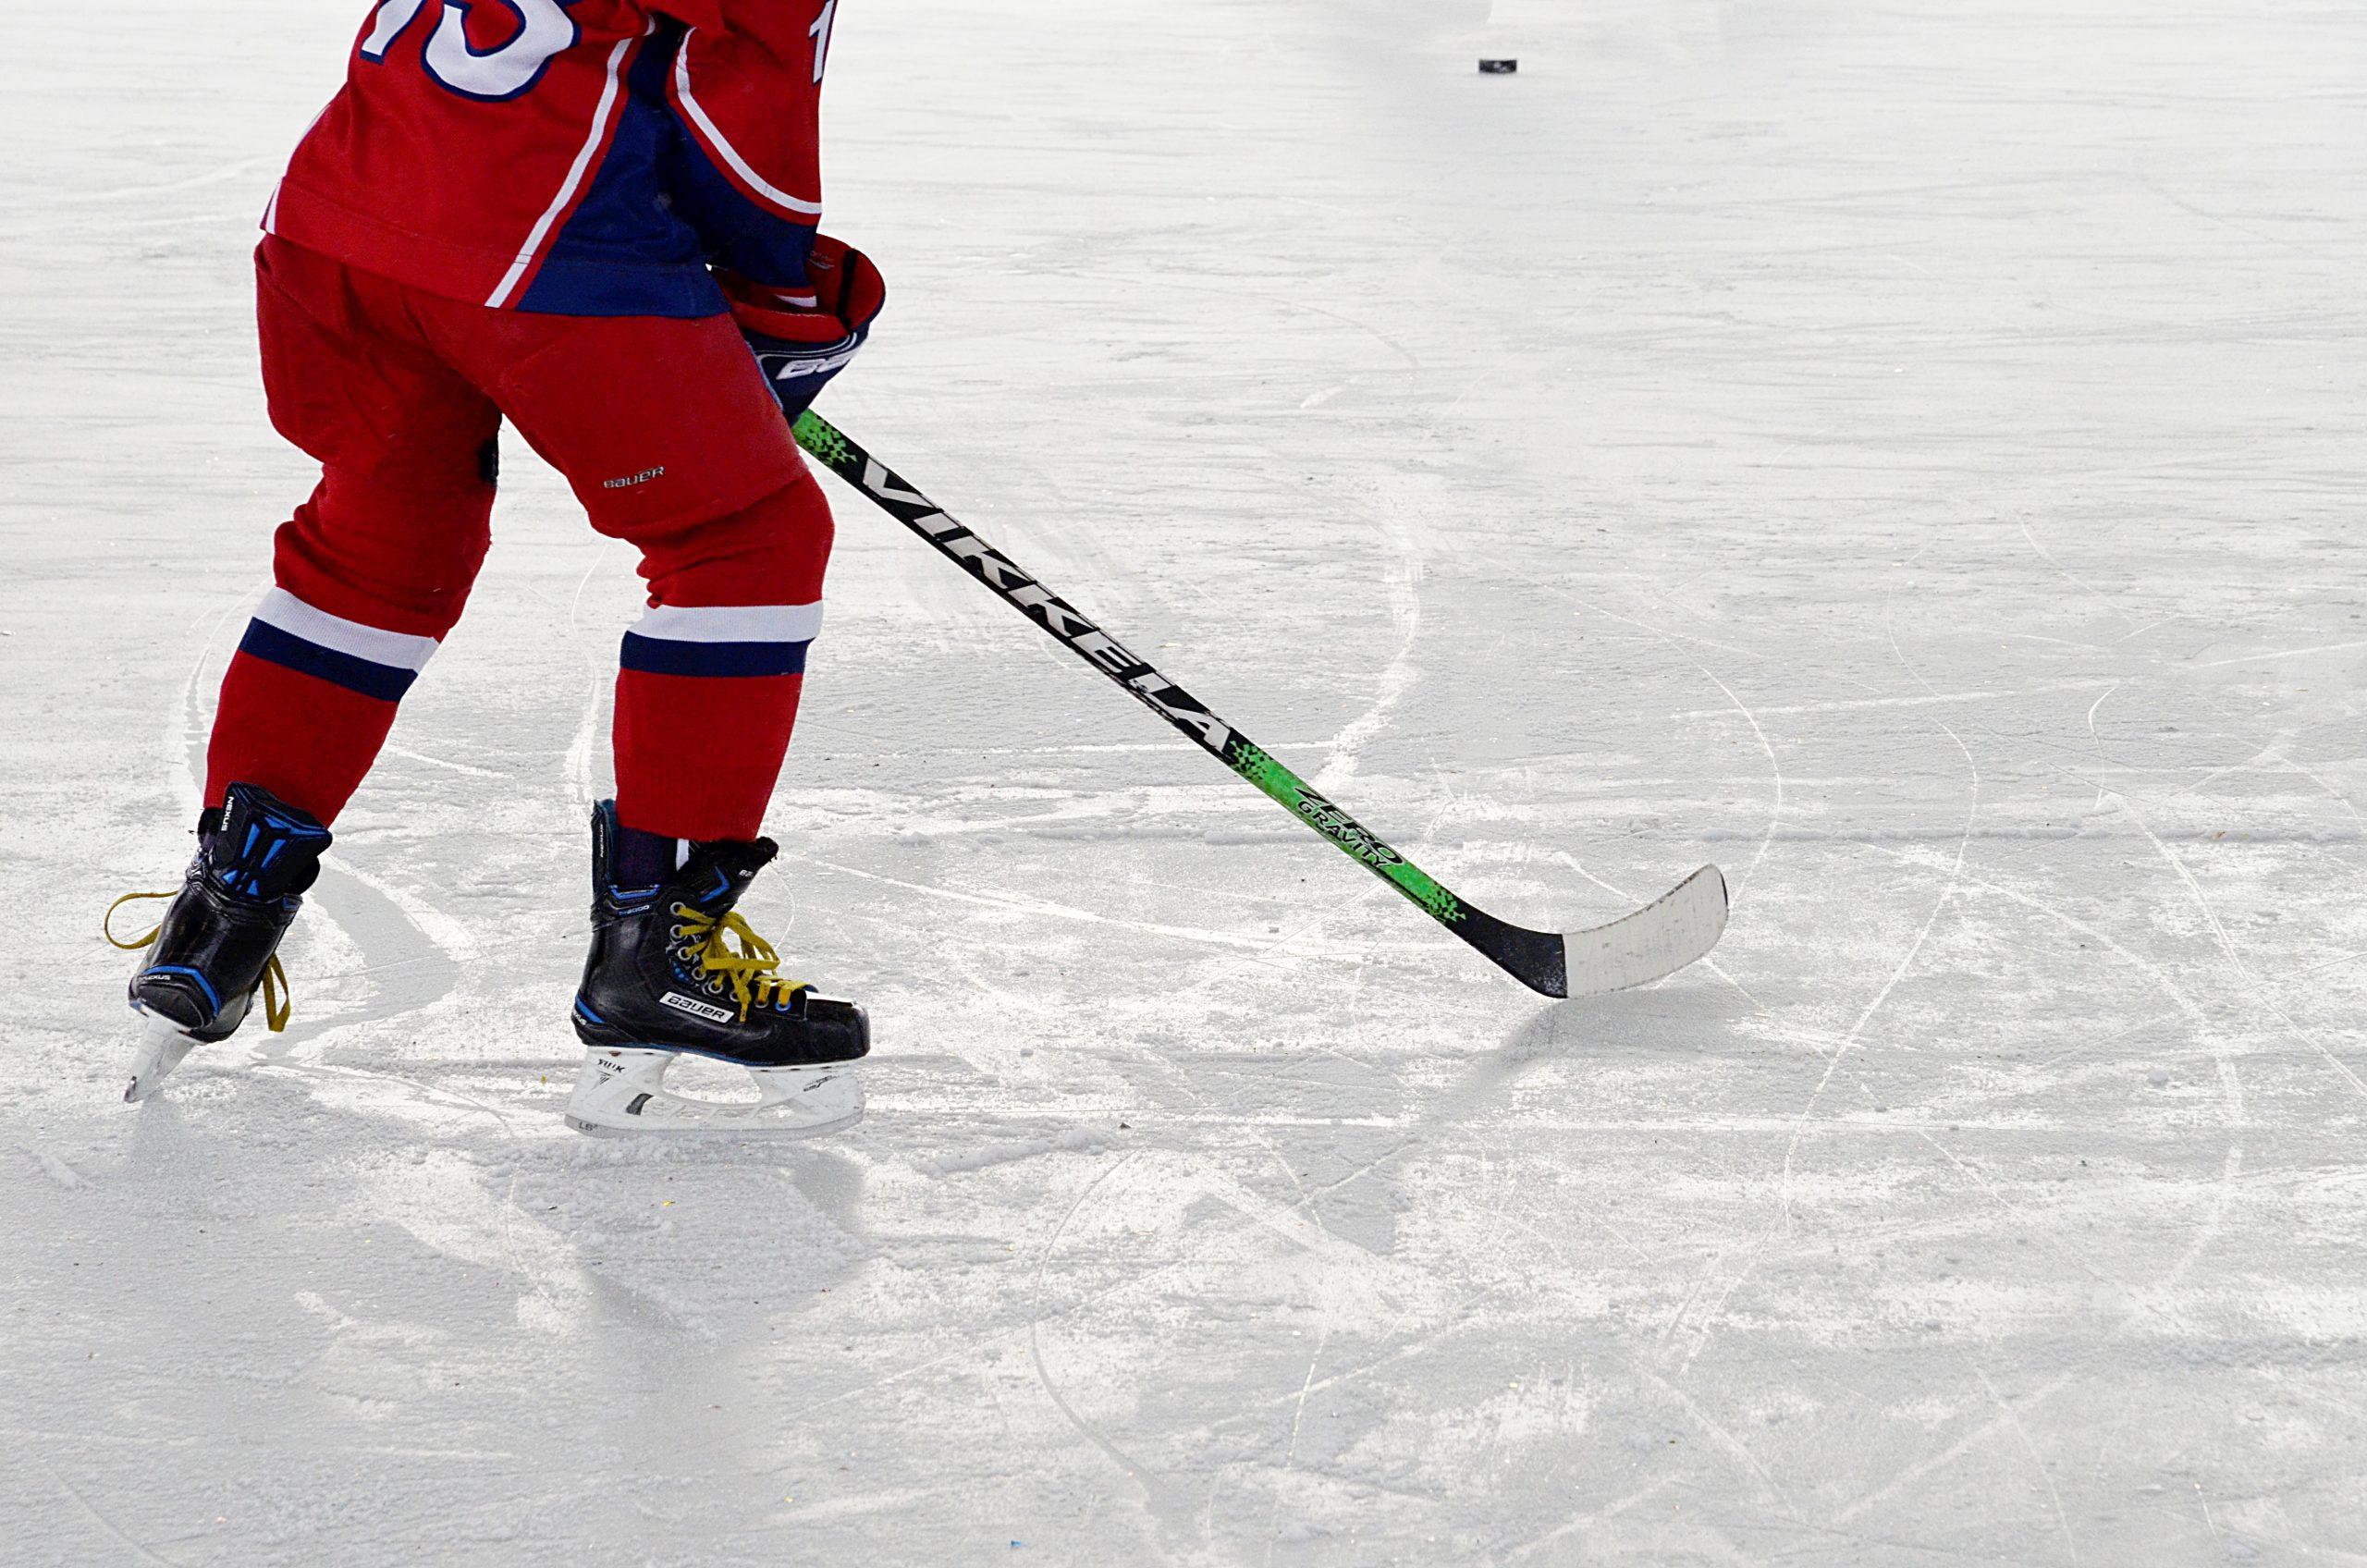 Хоккеисты поселения Кленовское достойно проявили себя в турнире